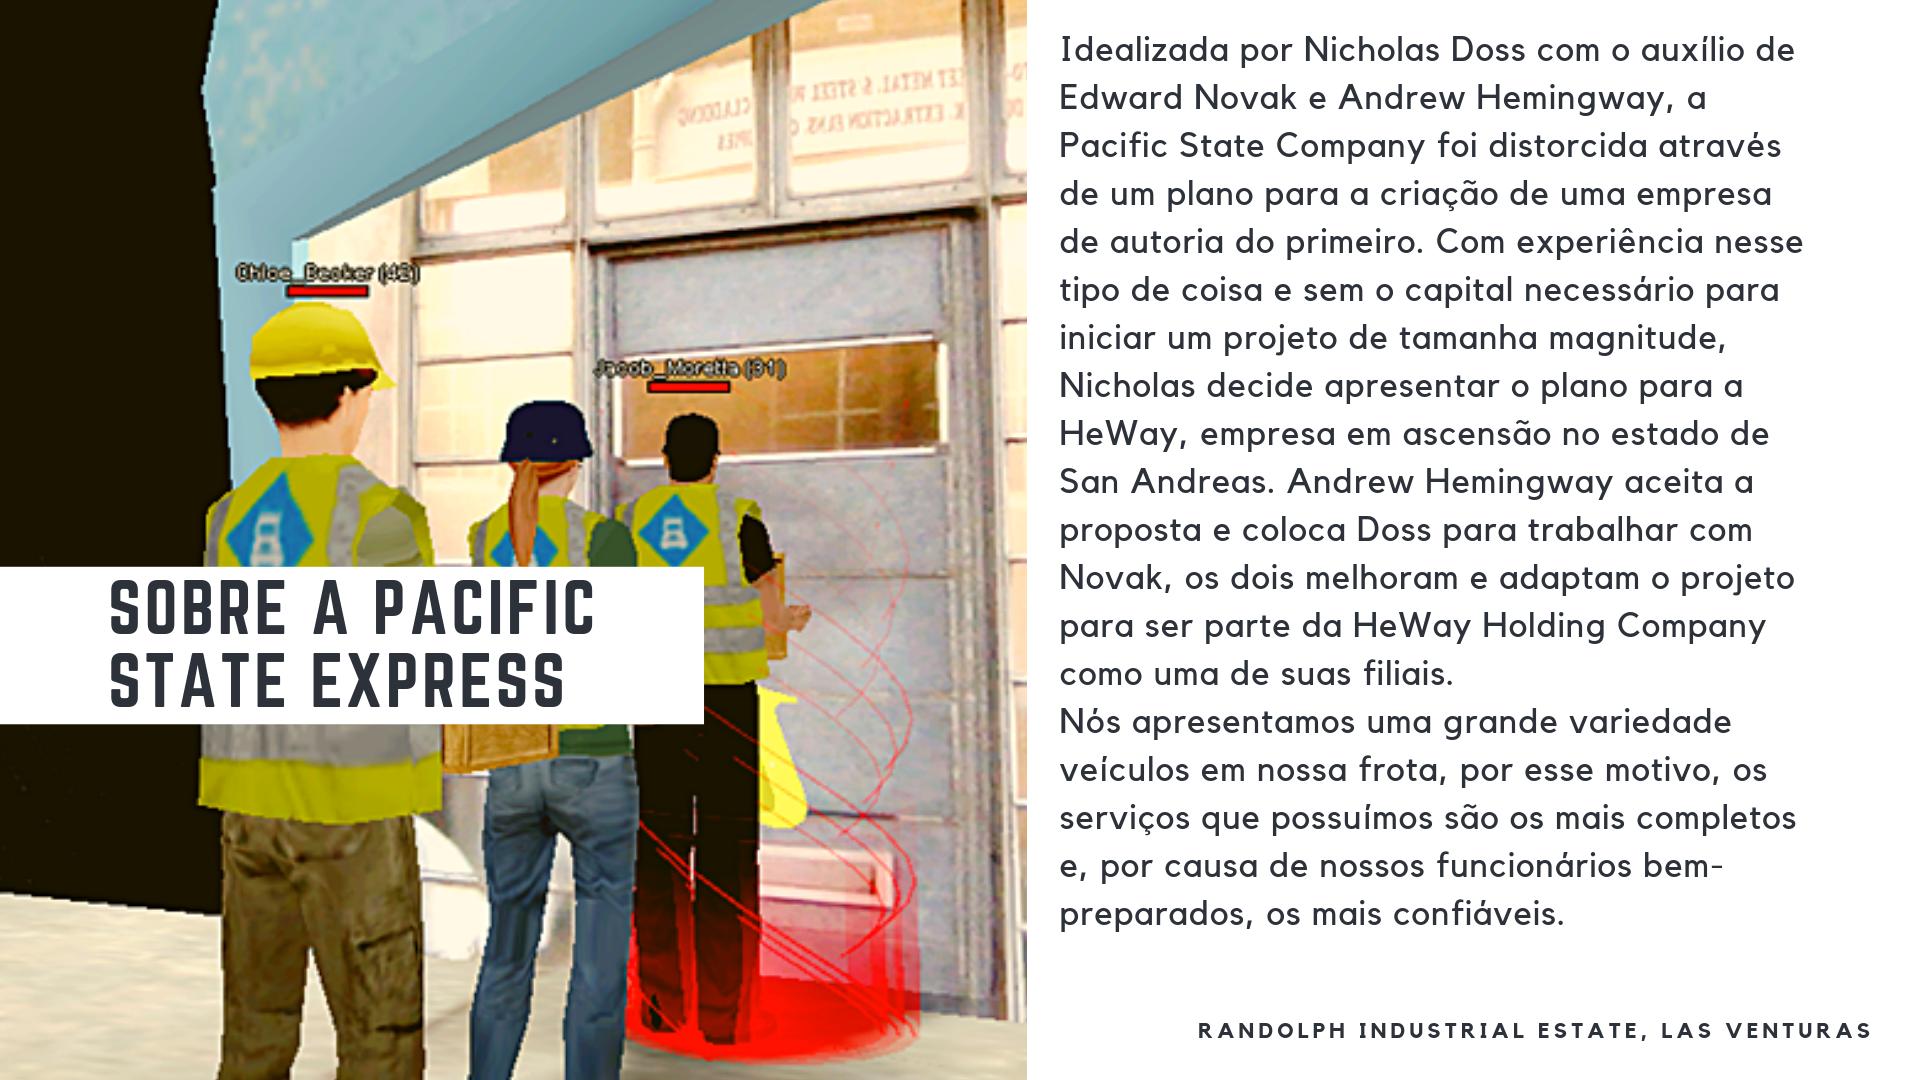 [PARA APLICANTES] Resumo do setor: Pacific State Express Pacific_State_Express